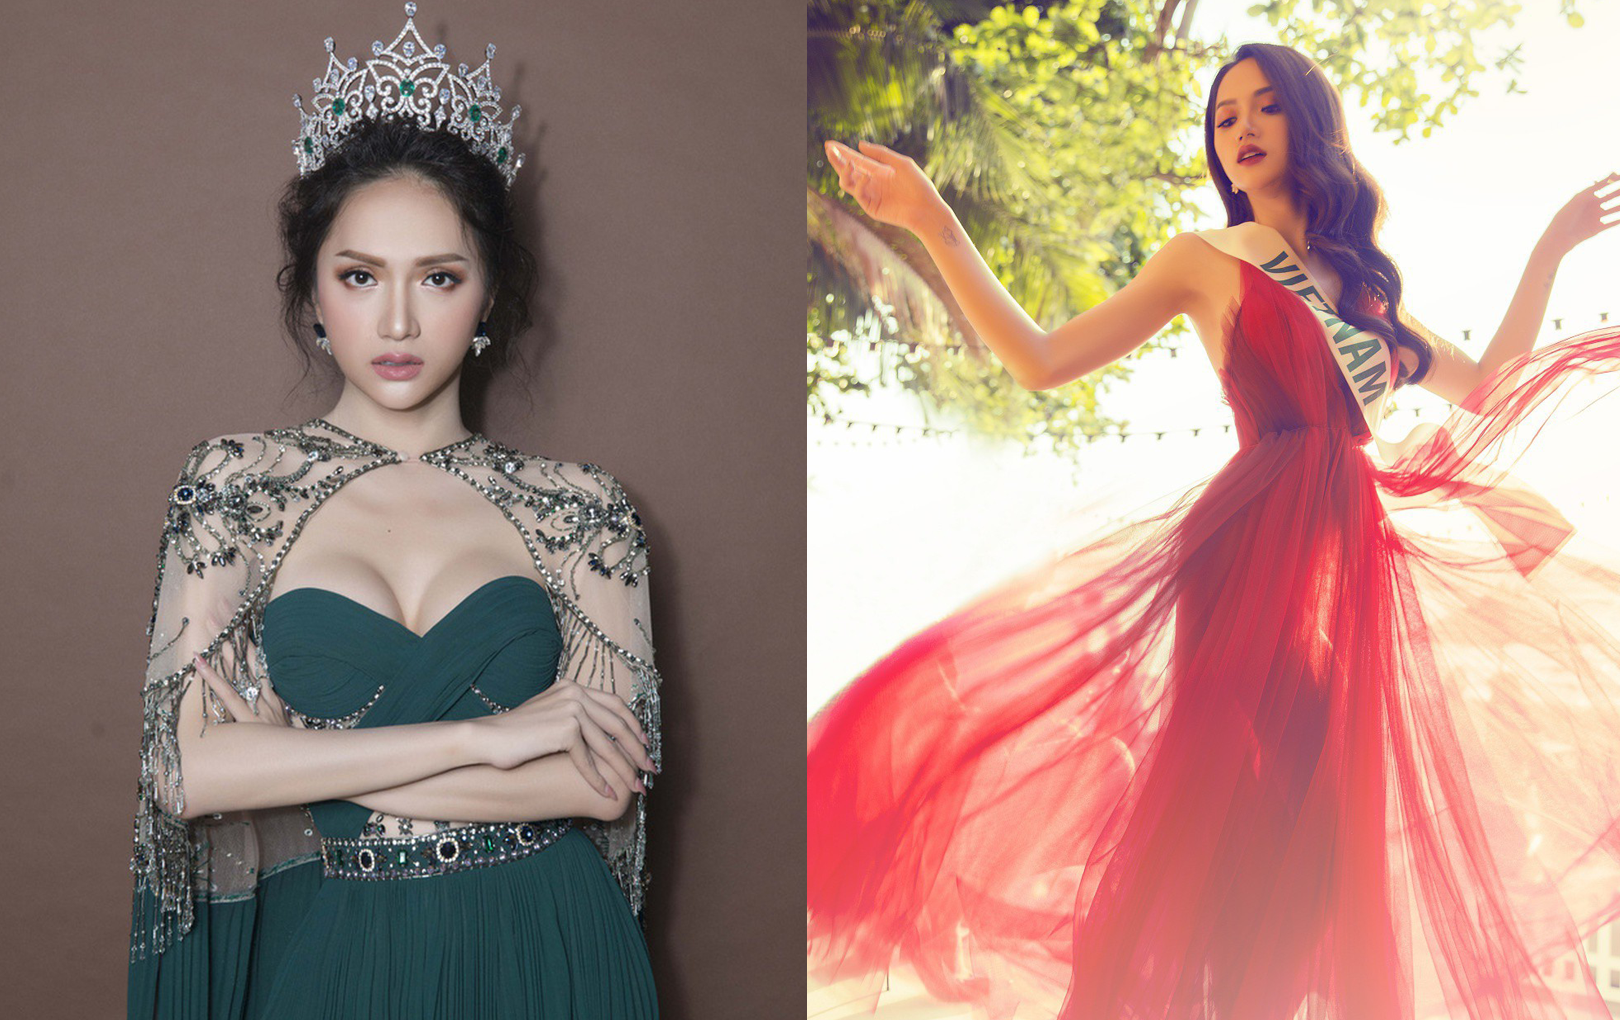 """Góc quê độ: Fan Hương Giang vào """"cà khịa"""" trong ảnh của Hoa hậu Chuyển giới 2019, liền bị nàng hậu """"phản dame"""" cực gắt"""